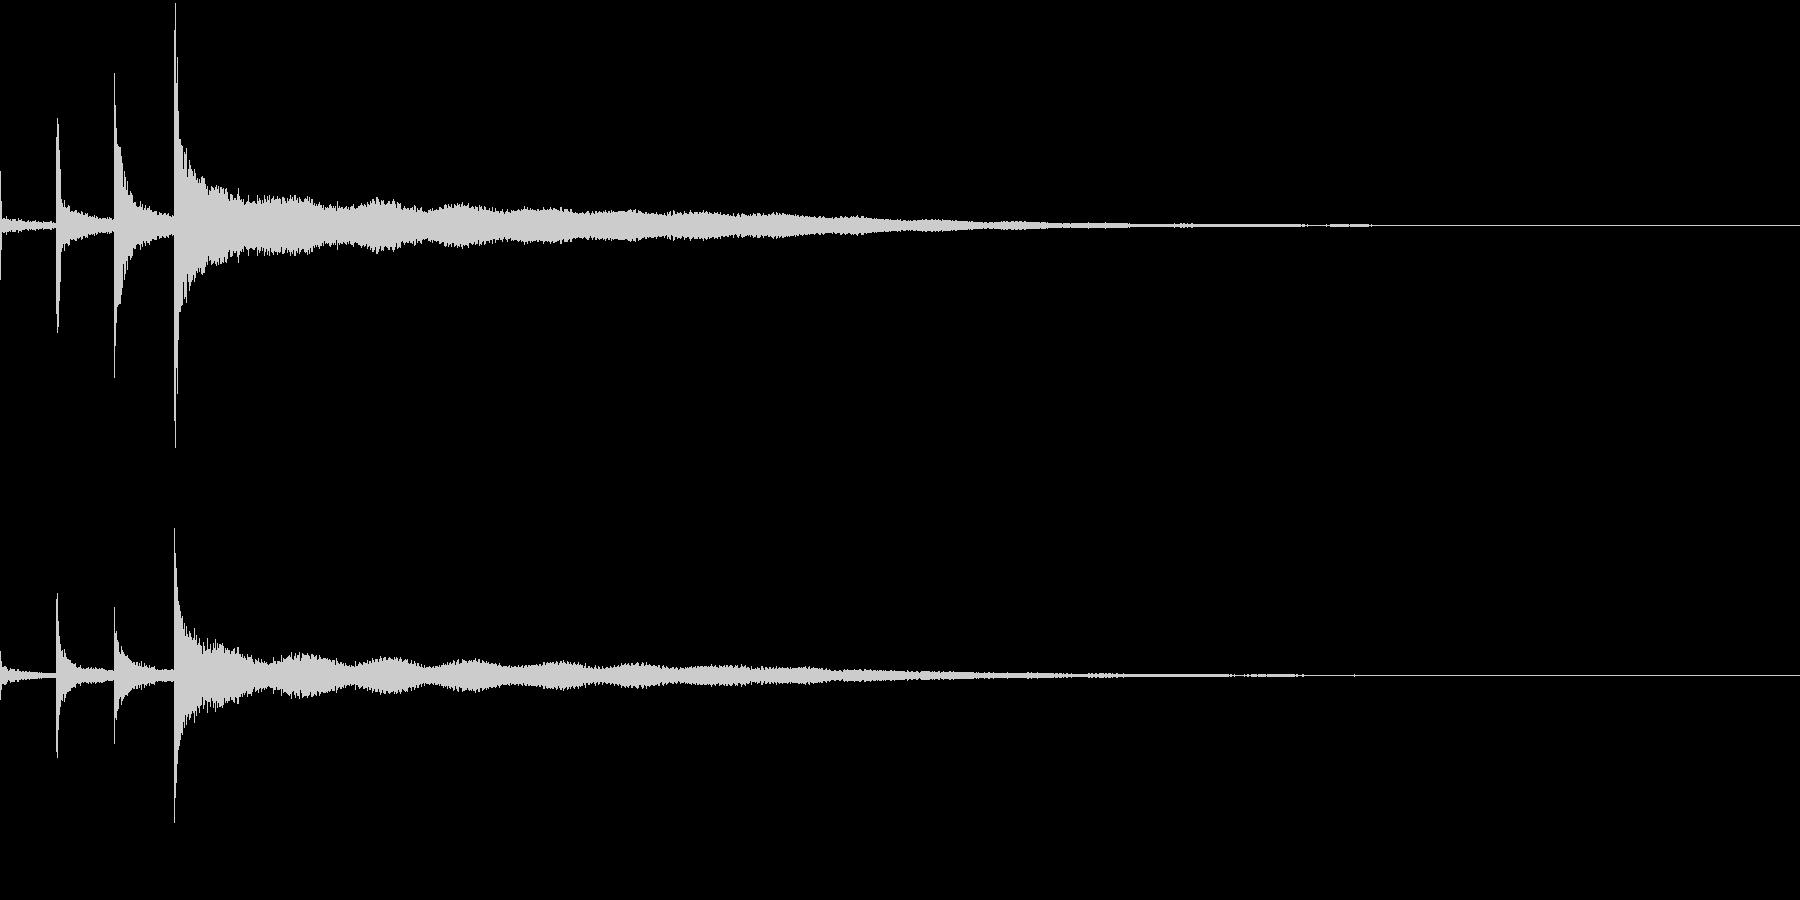 「チンカーンコーン」シンギングボウルの音の未再生の波形